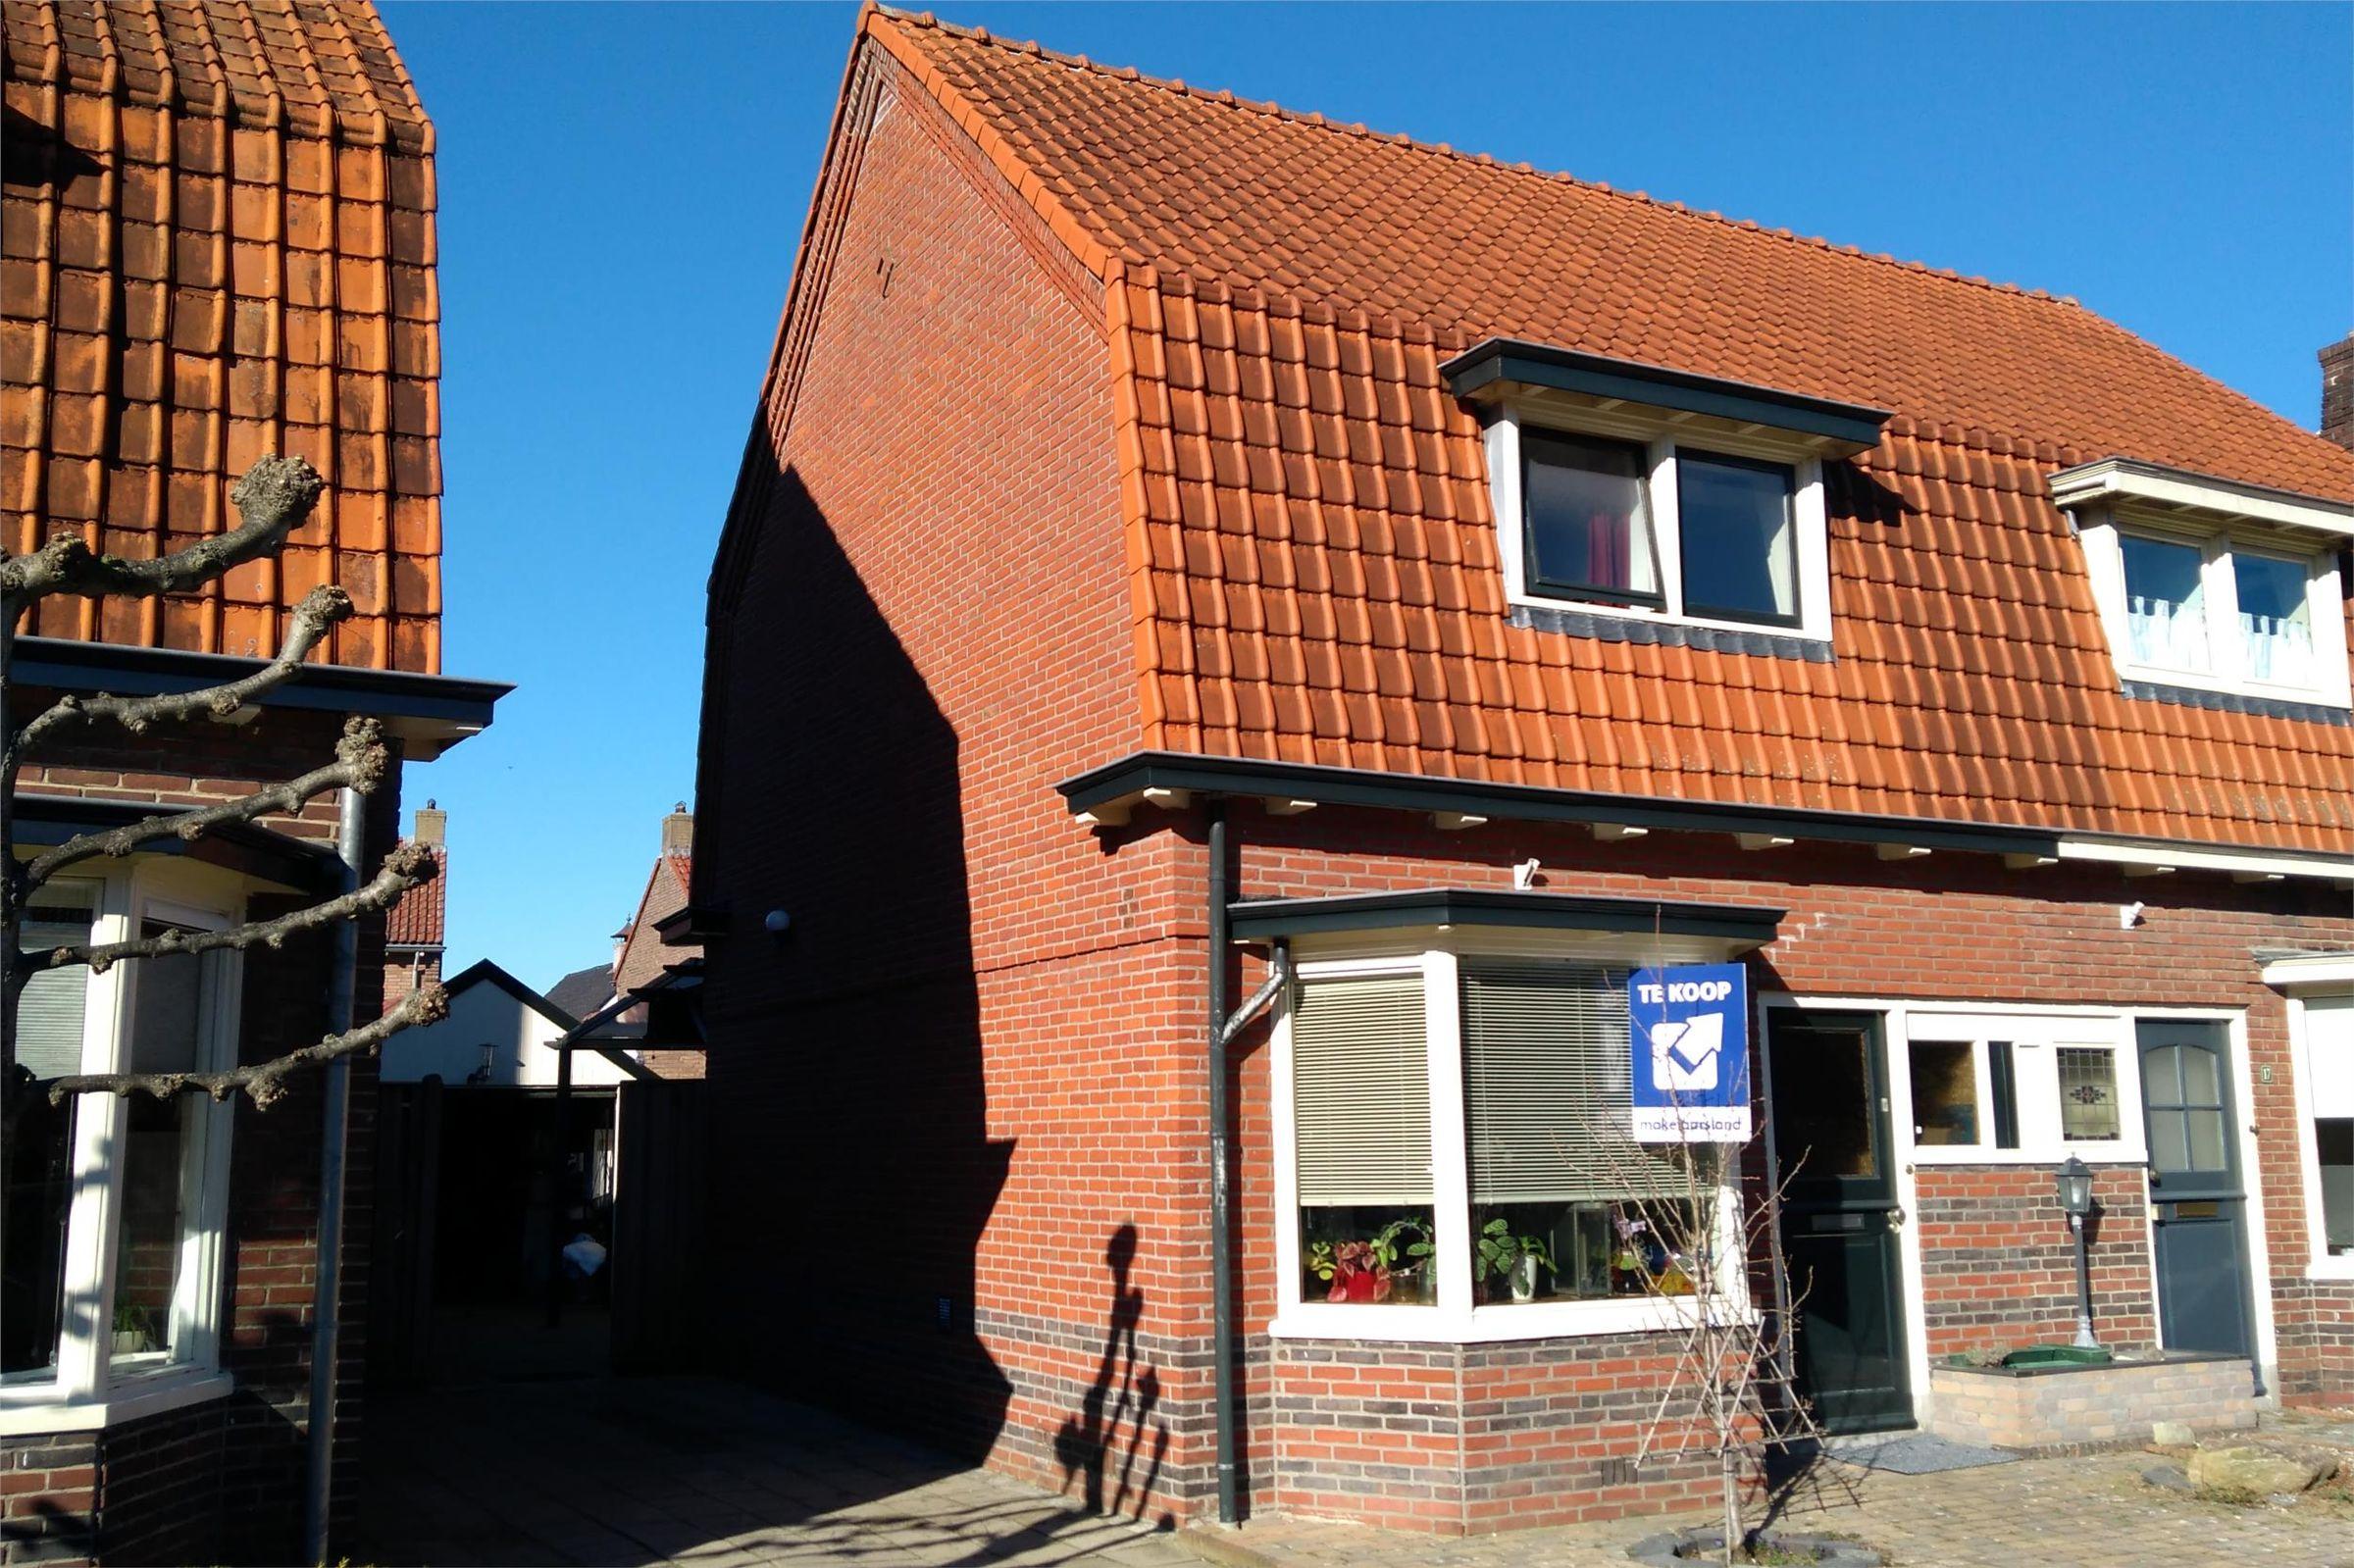 Bussemakerstraat 19, Borne